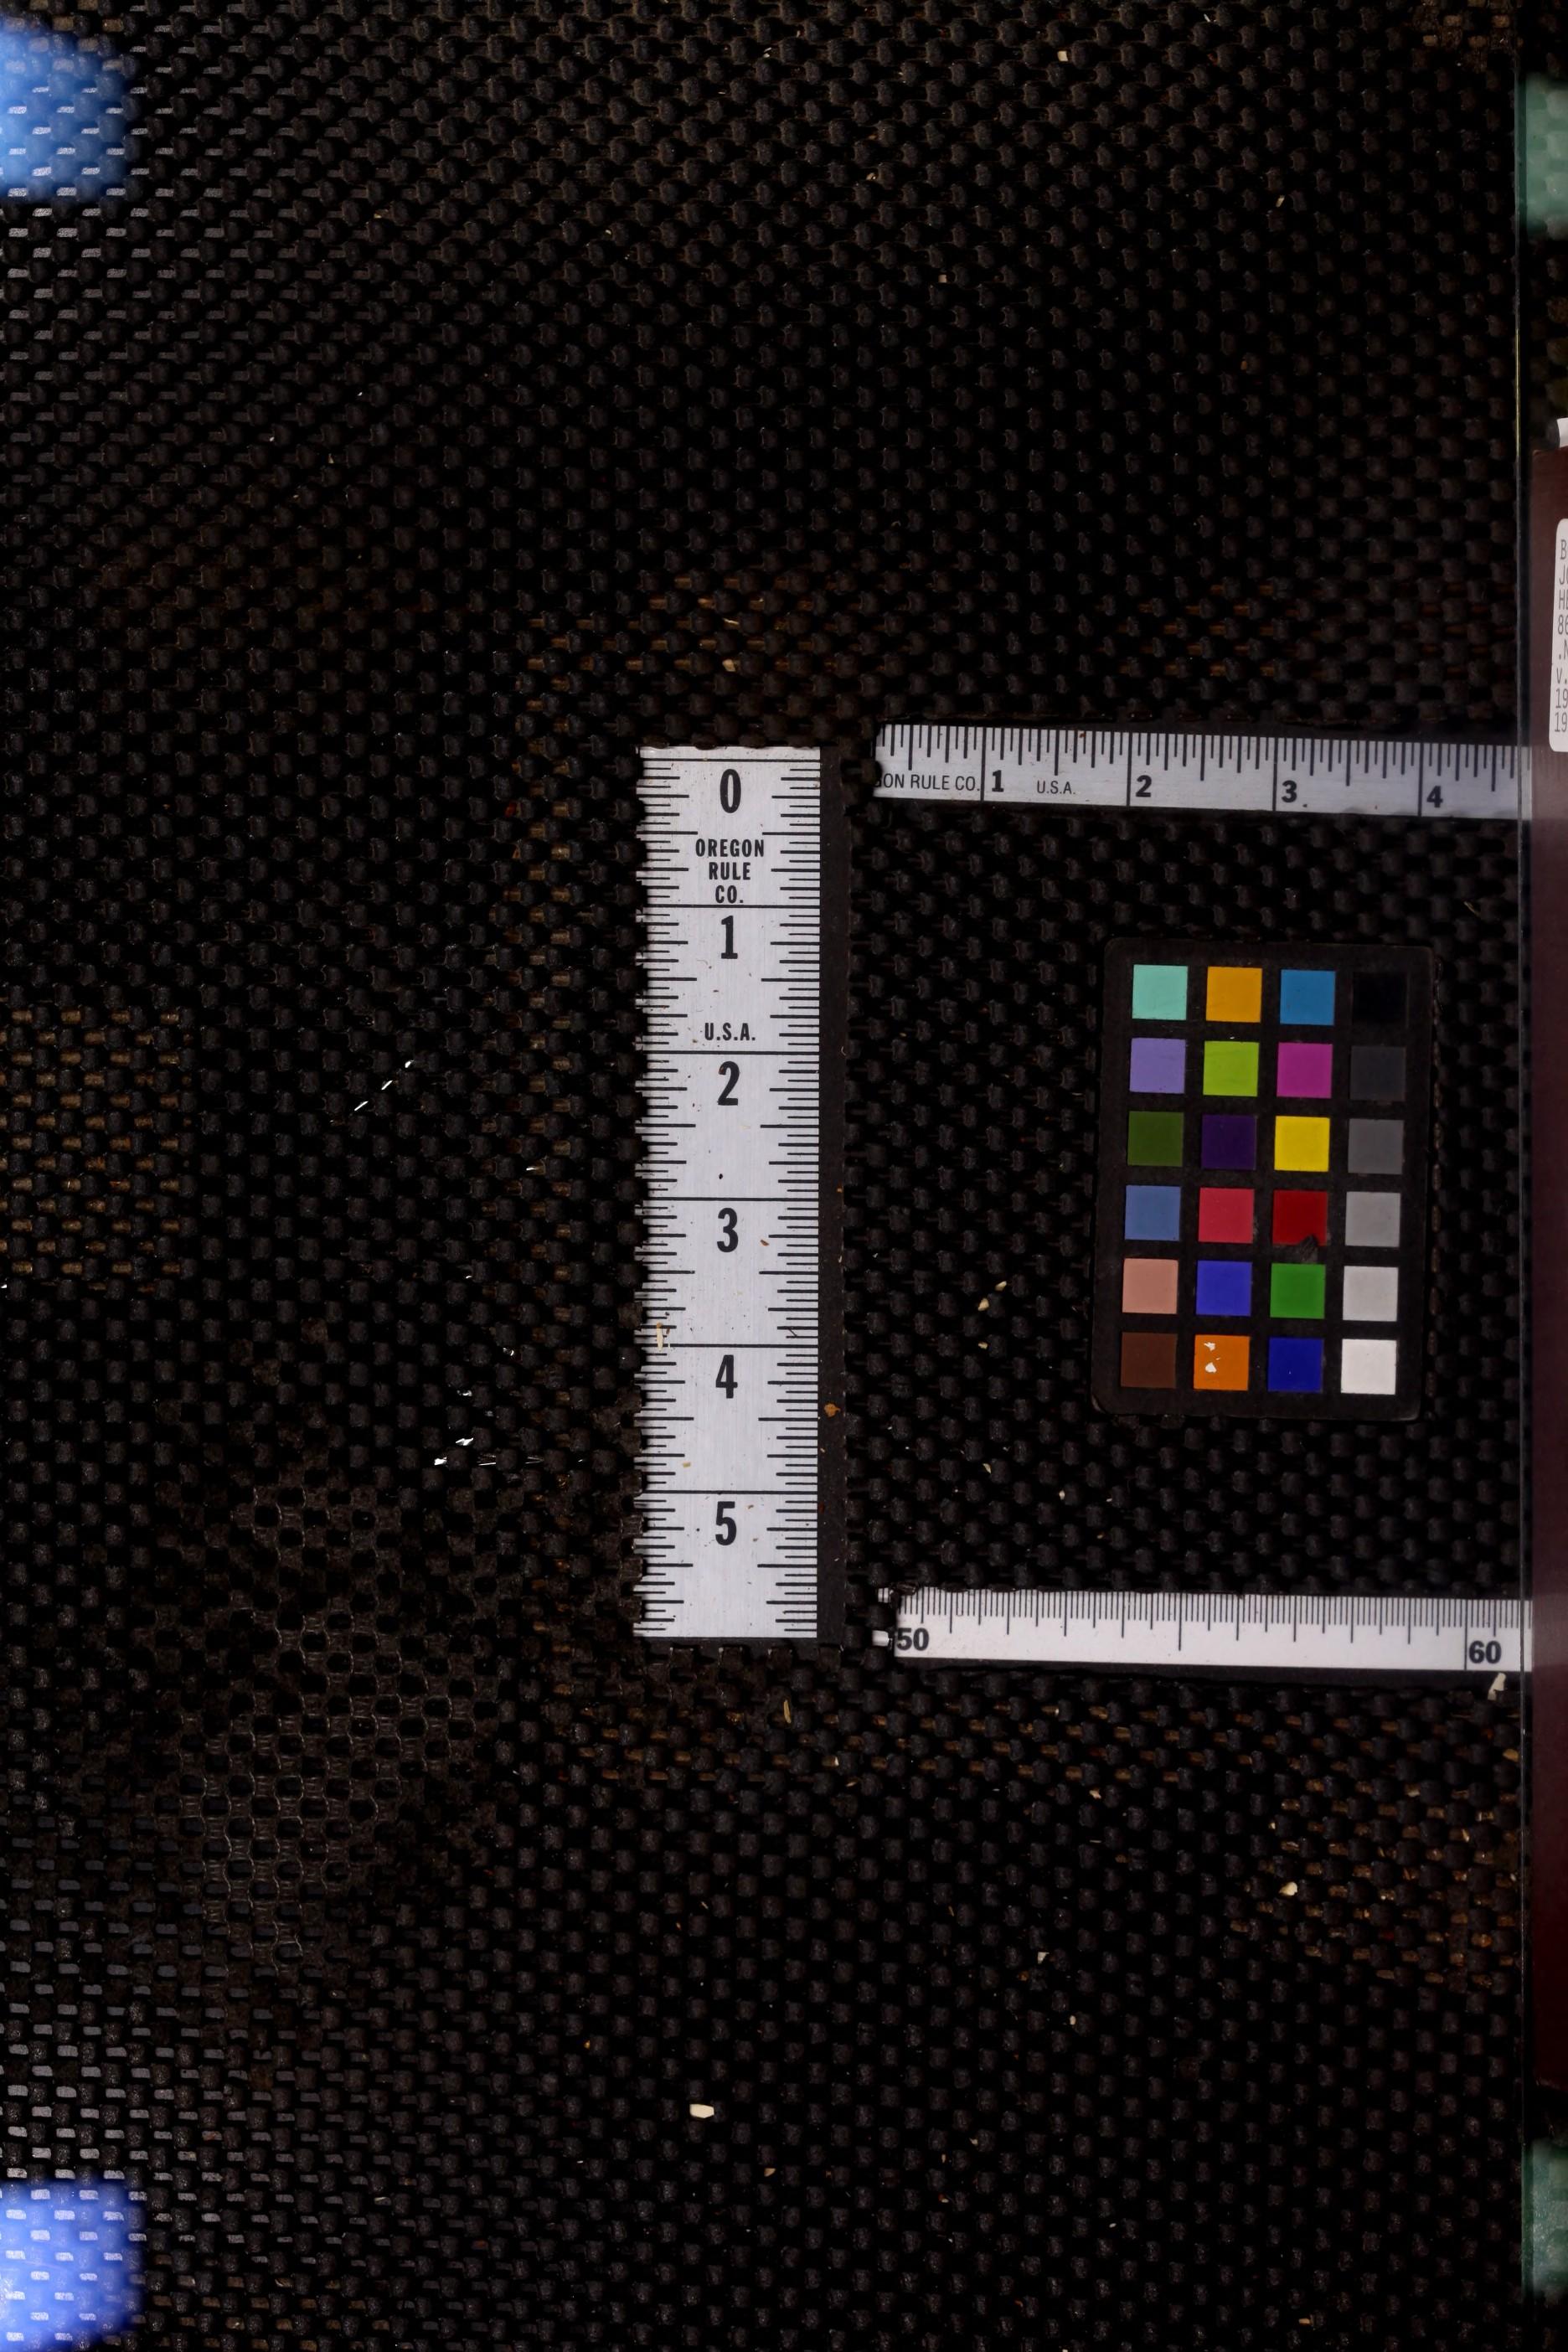 Nbctransmitter2193nati_jp2.zip&file=nbctransmitter2193nati_jp2%2fnbctransmitter2193nati_0000